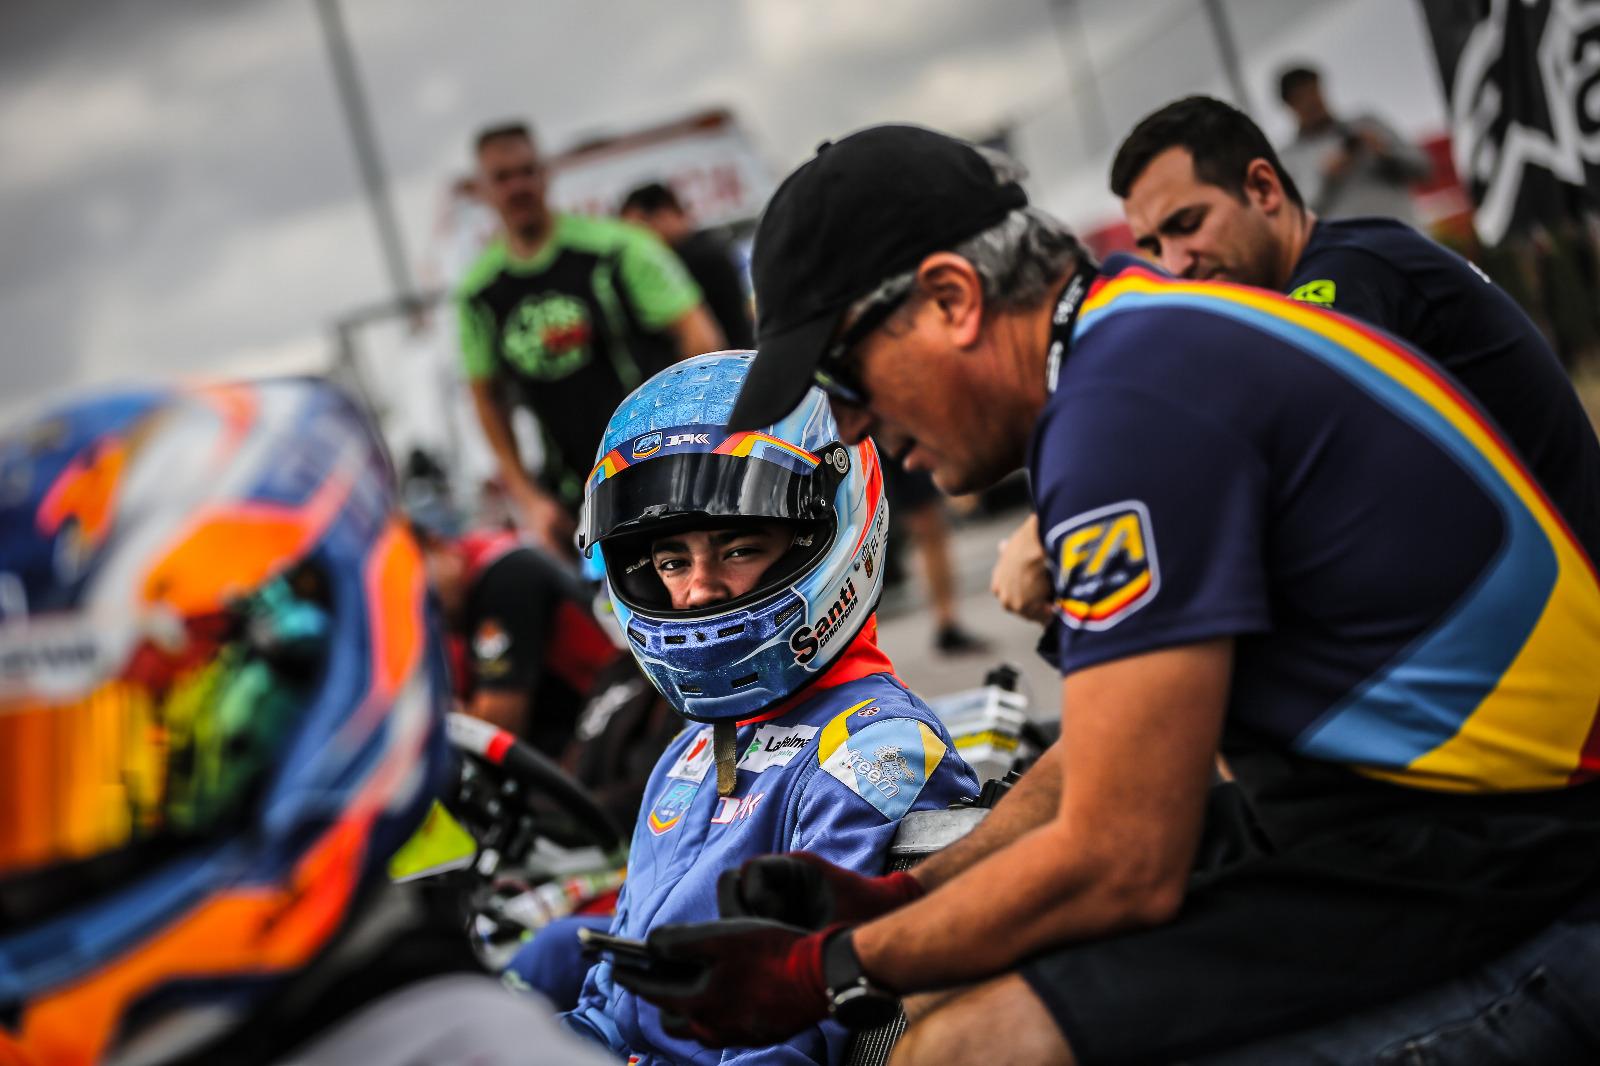 🏎 Instalado en el top ten del CEK, Santi Concepción Jr compite este fin de semana en  Campillos